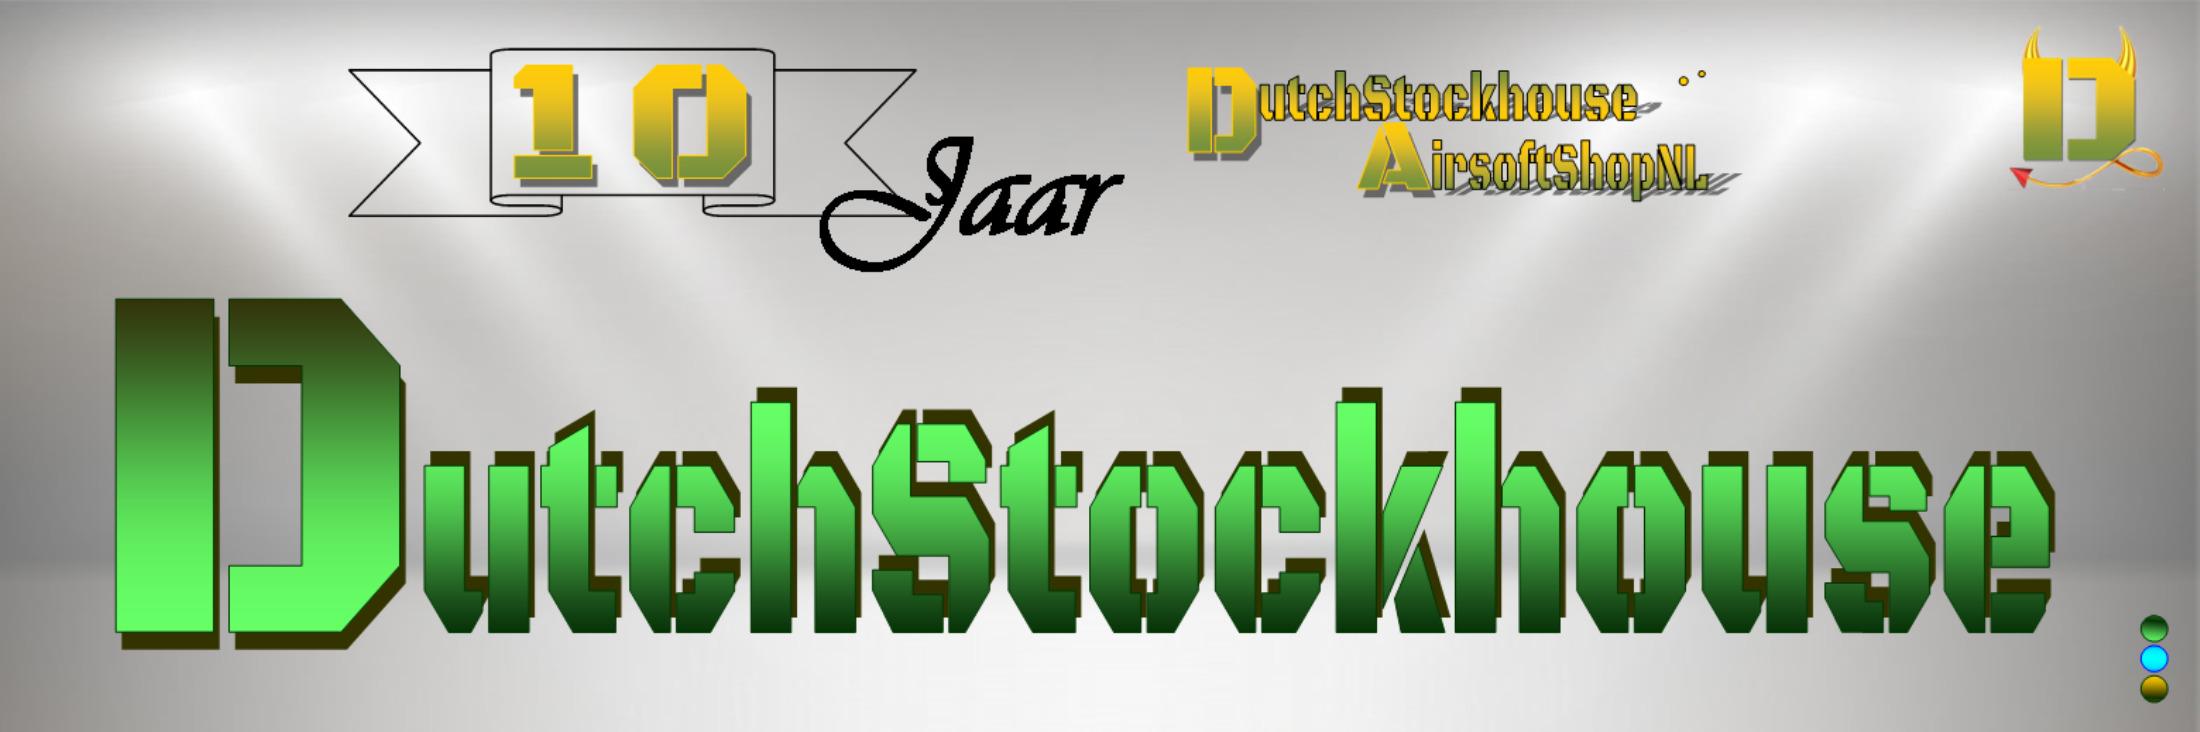 DutchStockhouse 10 Jaar